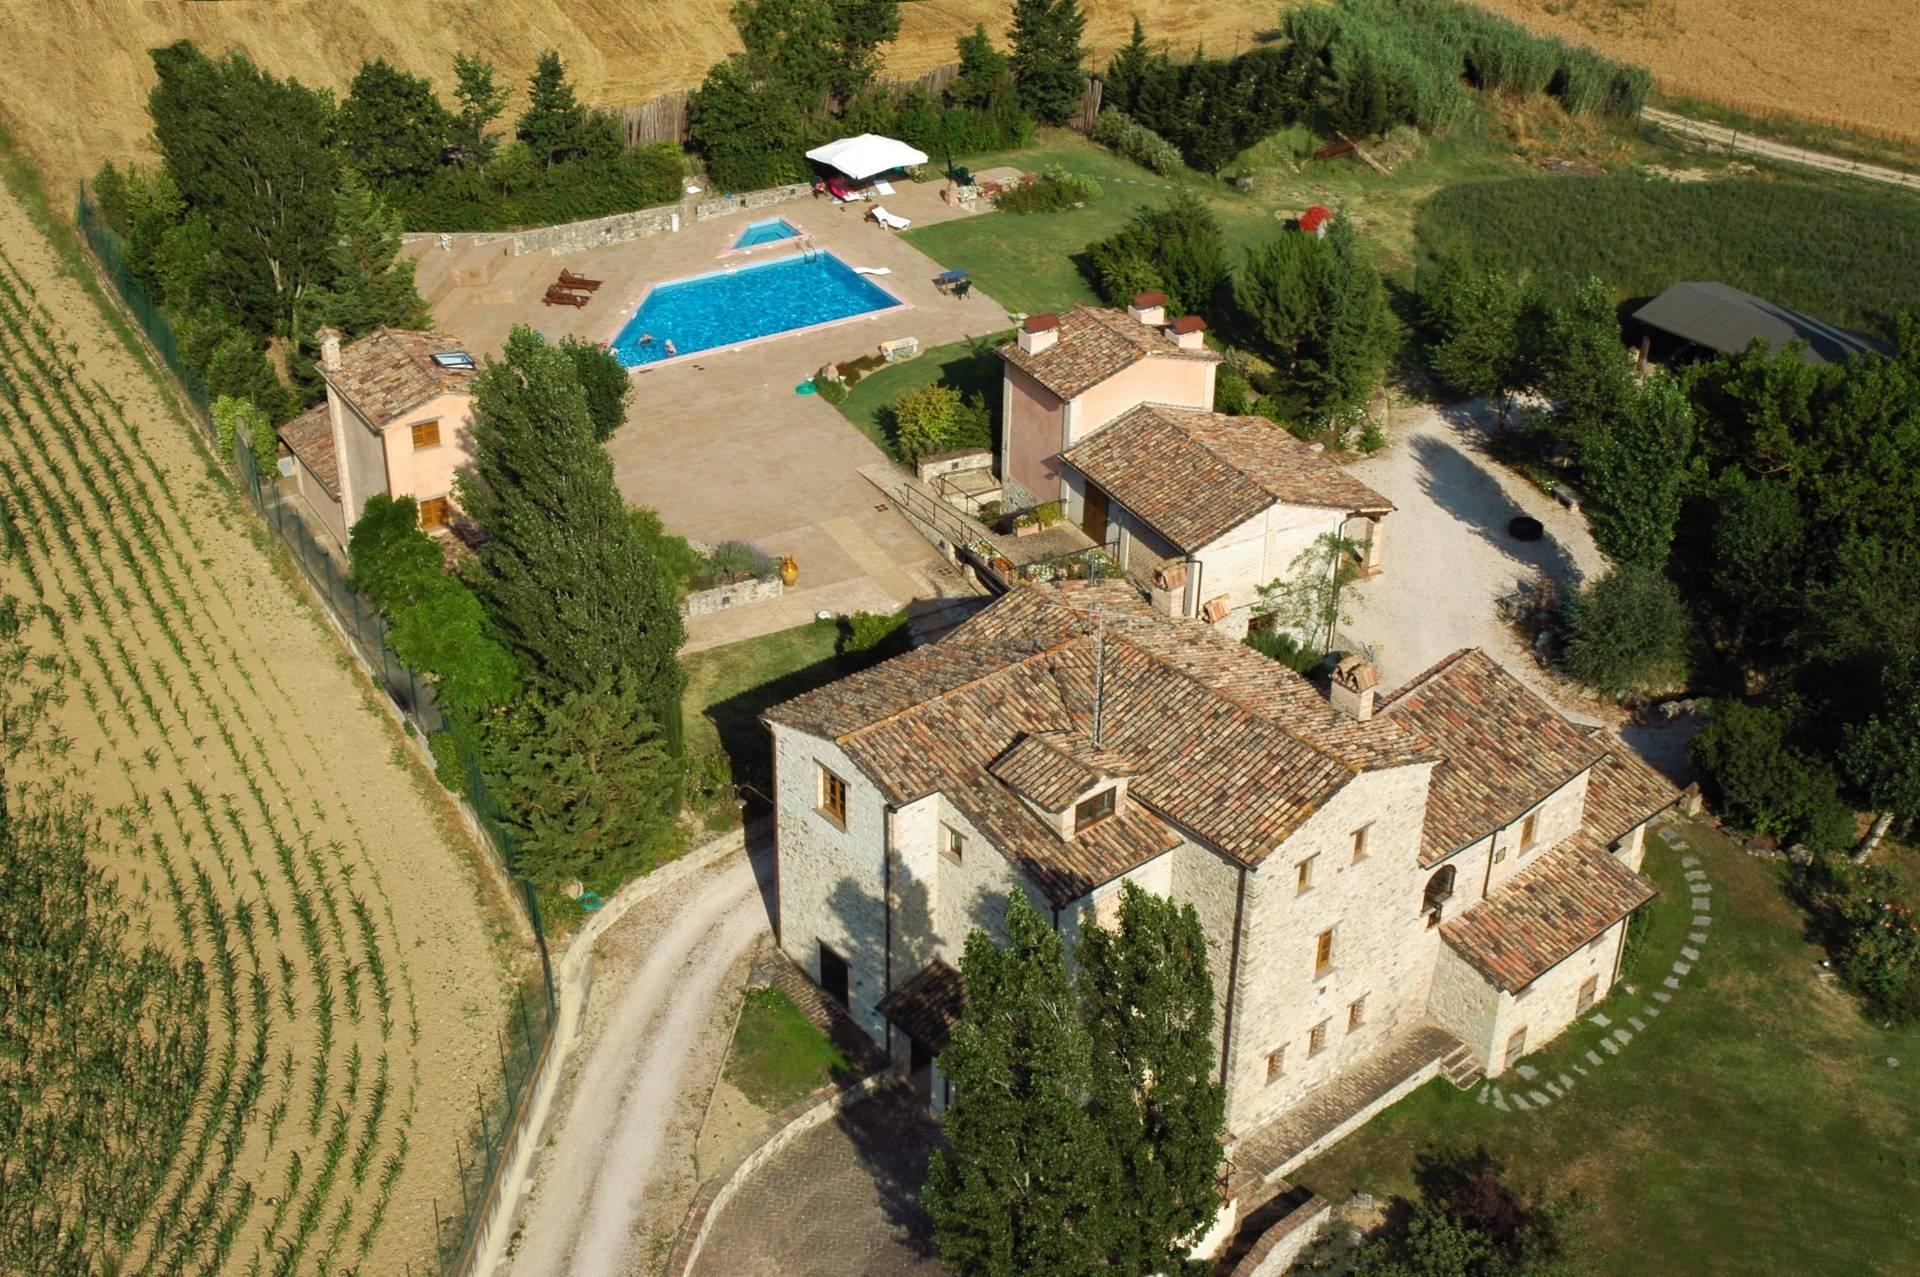 Rustico in Vendita a Montone: 5 locali, 700 mq - Foto 5